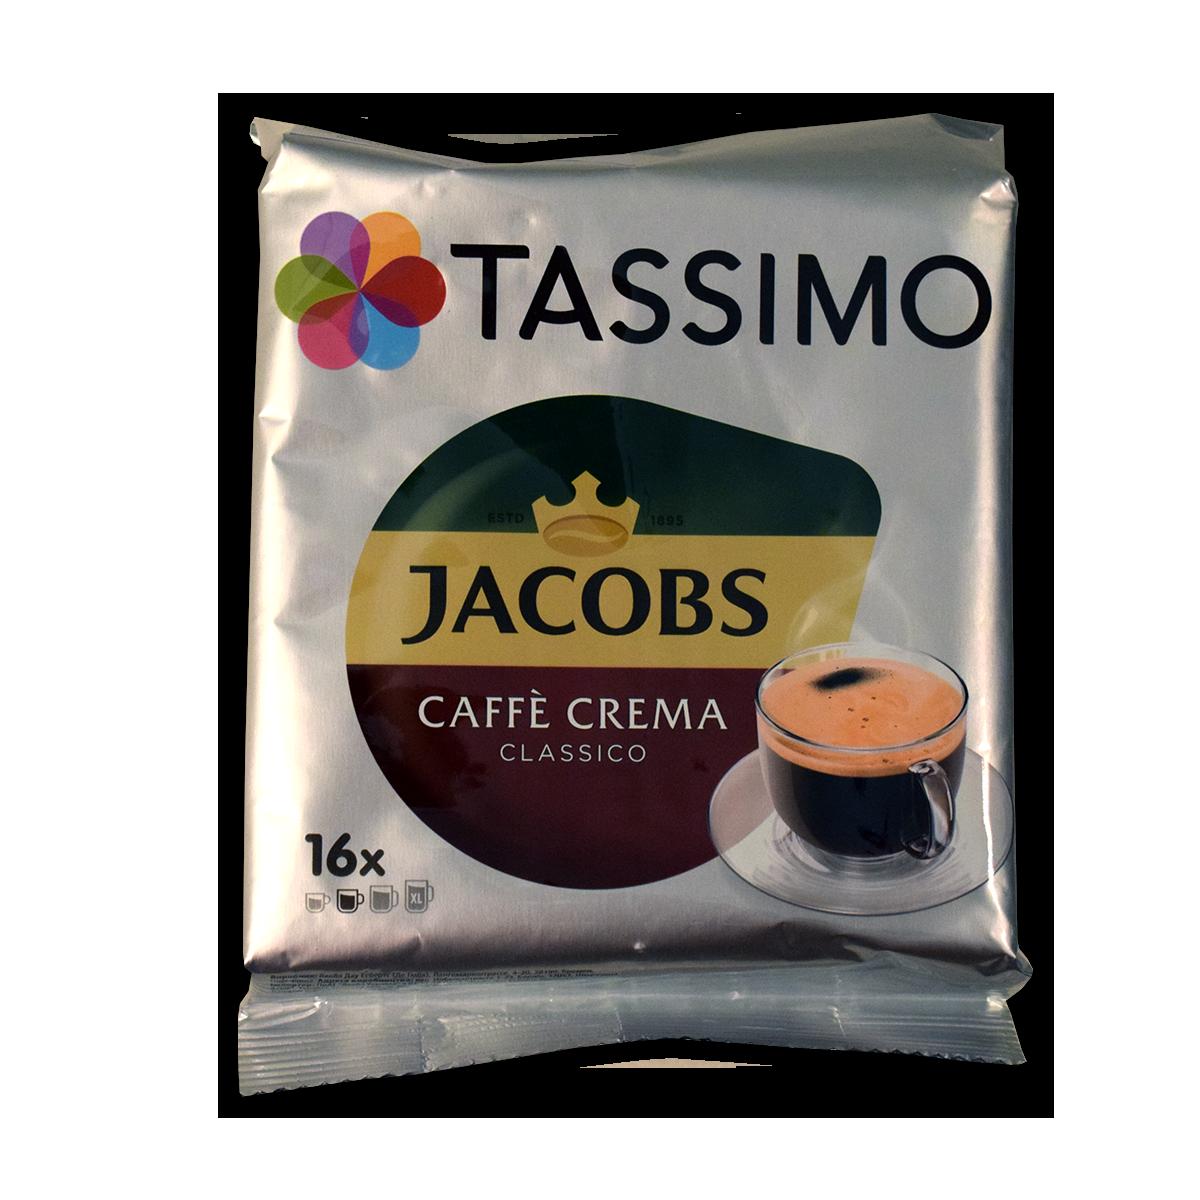 Jacobs Tassimo Cafe Crema Classico 112g